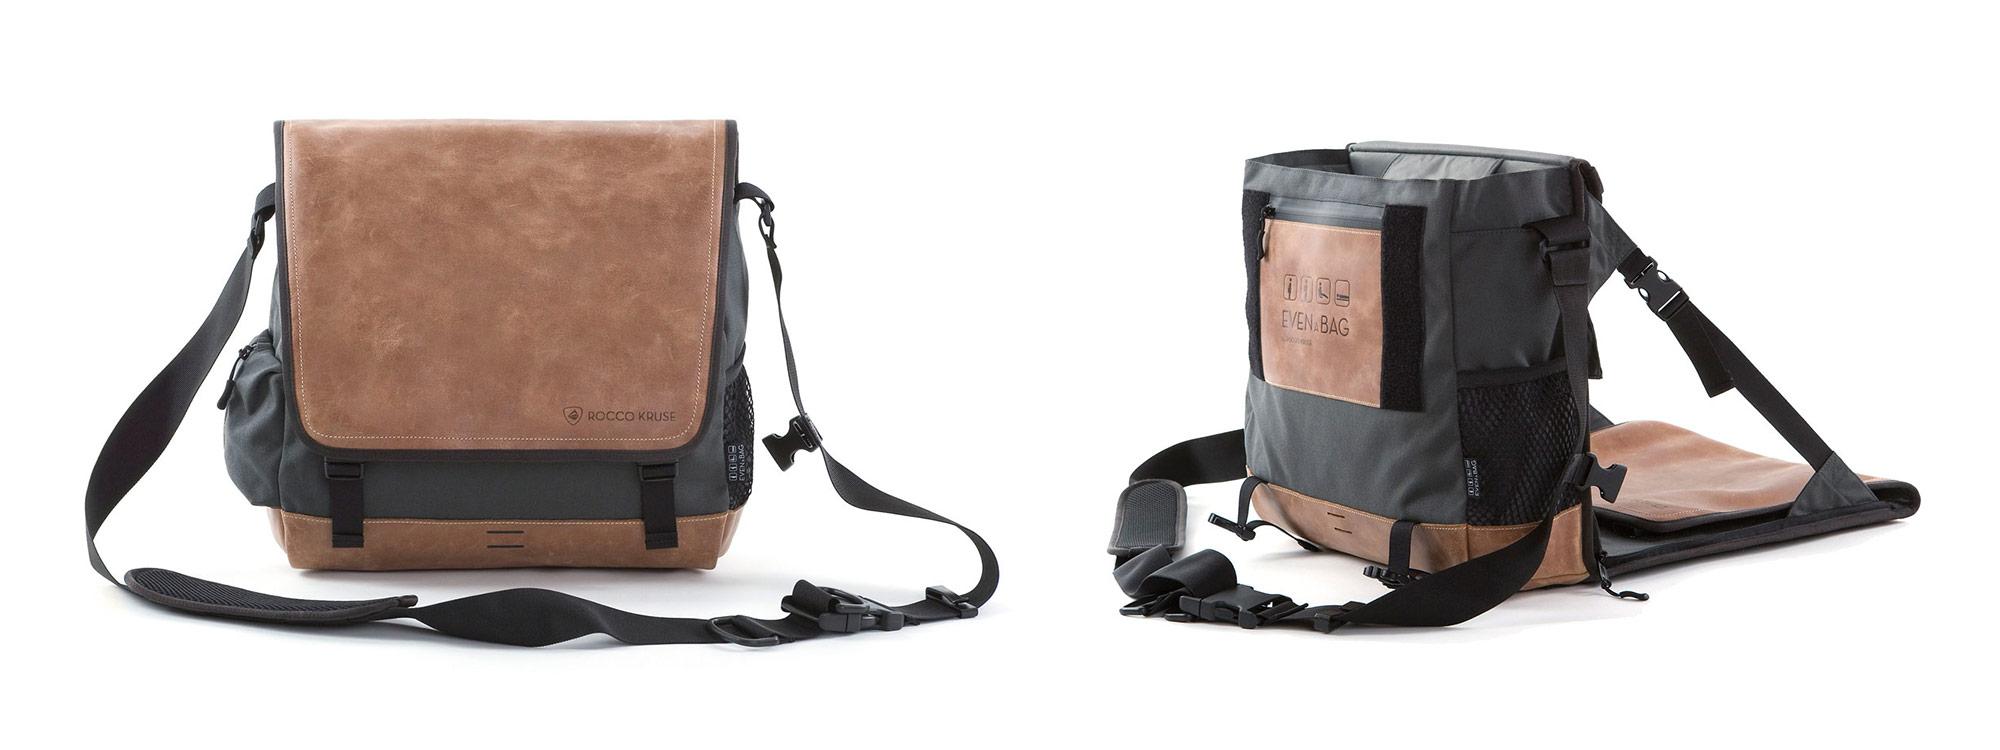 Eine Sitztasche und Umhängetasche tragbar wie ein Rucksack